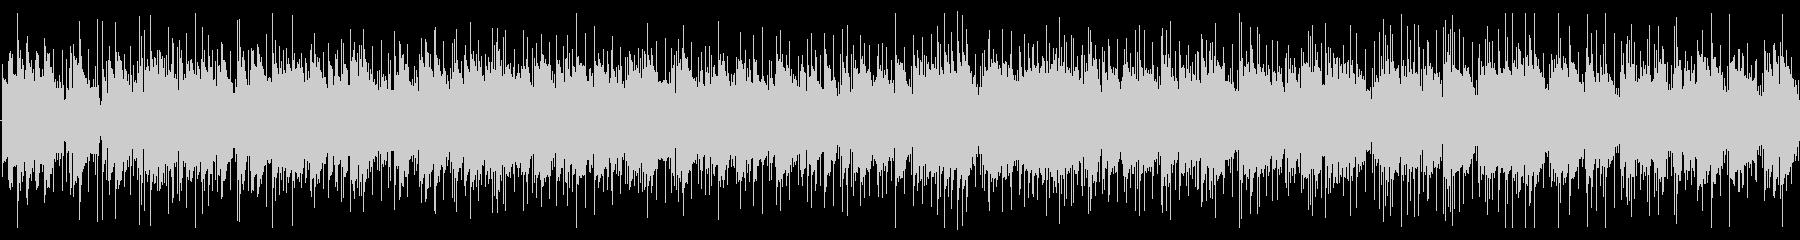 ノクターン第2番 ギターverの未再生の波形